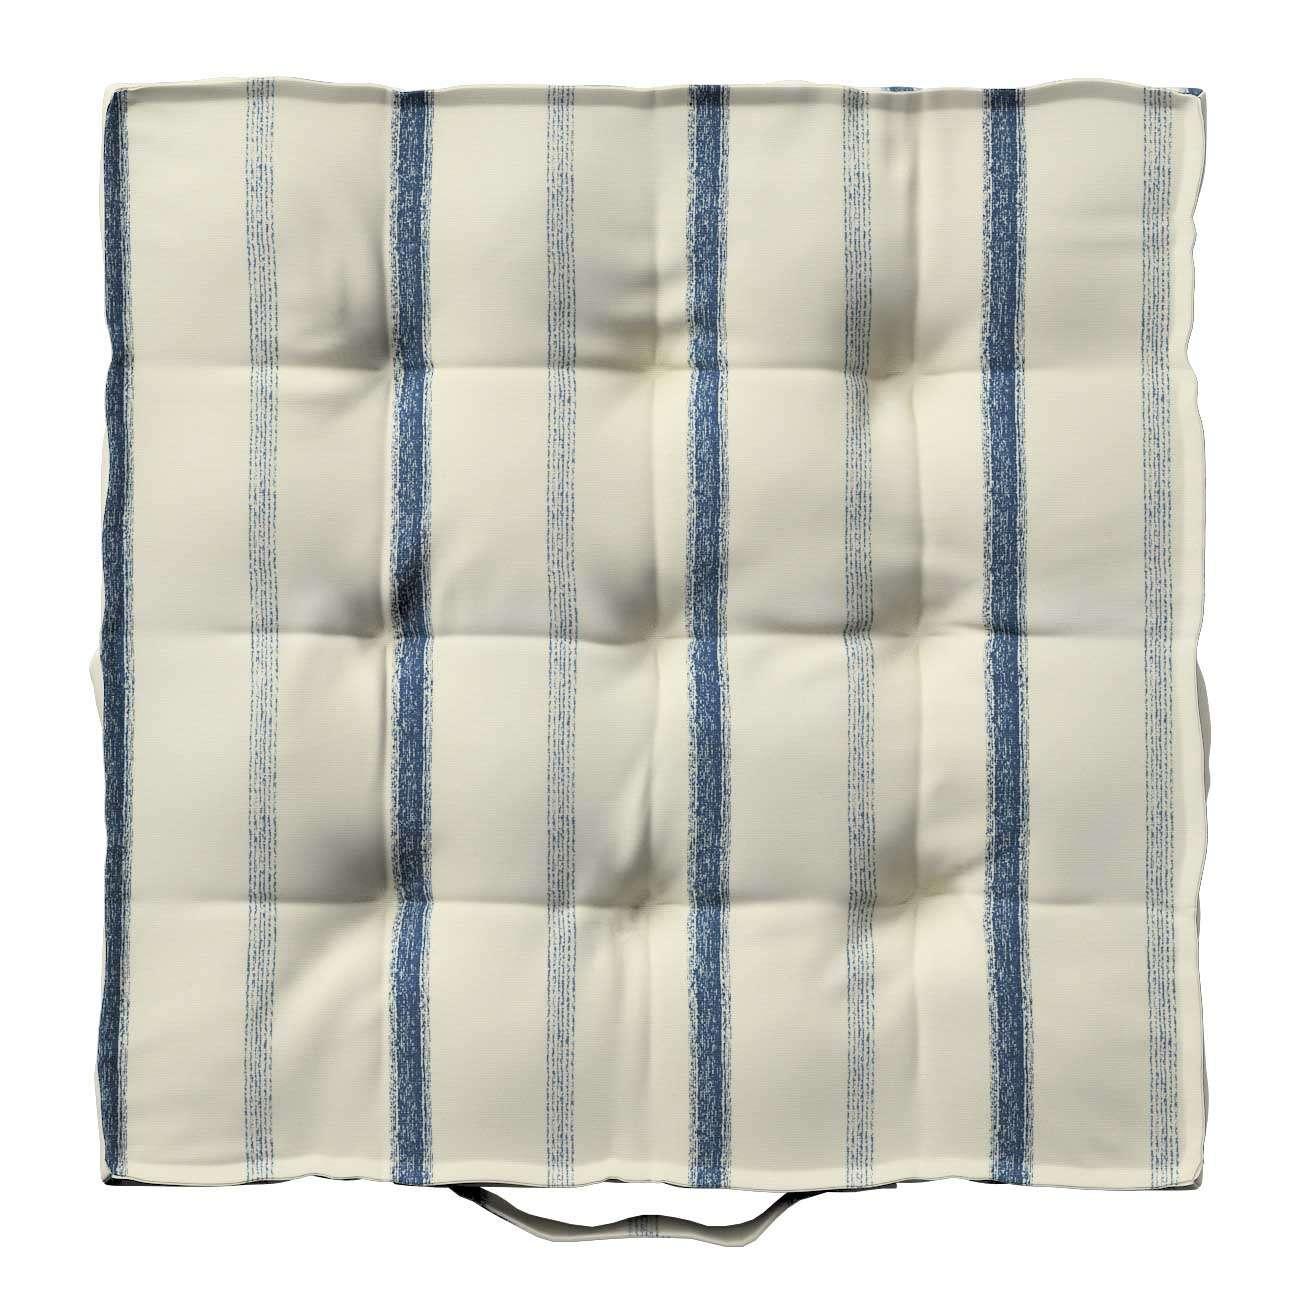 Siedzisko Kuba na krzesło 40x40x6cm w kolekcji Avinon, tkanina: 129-66